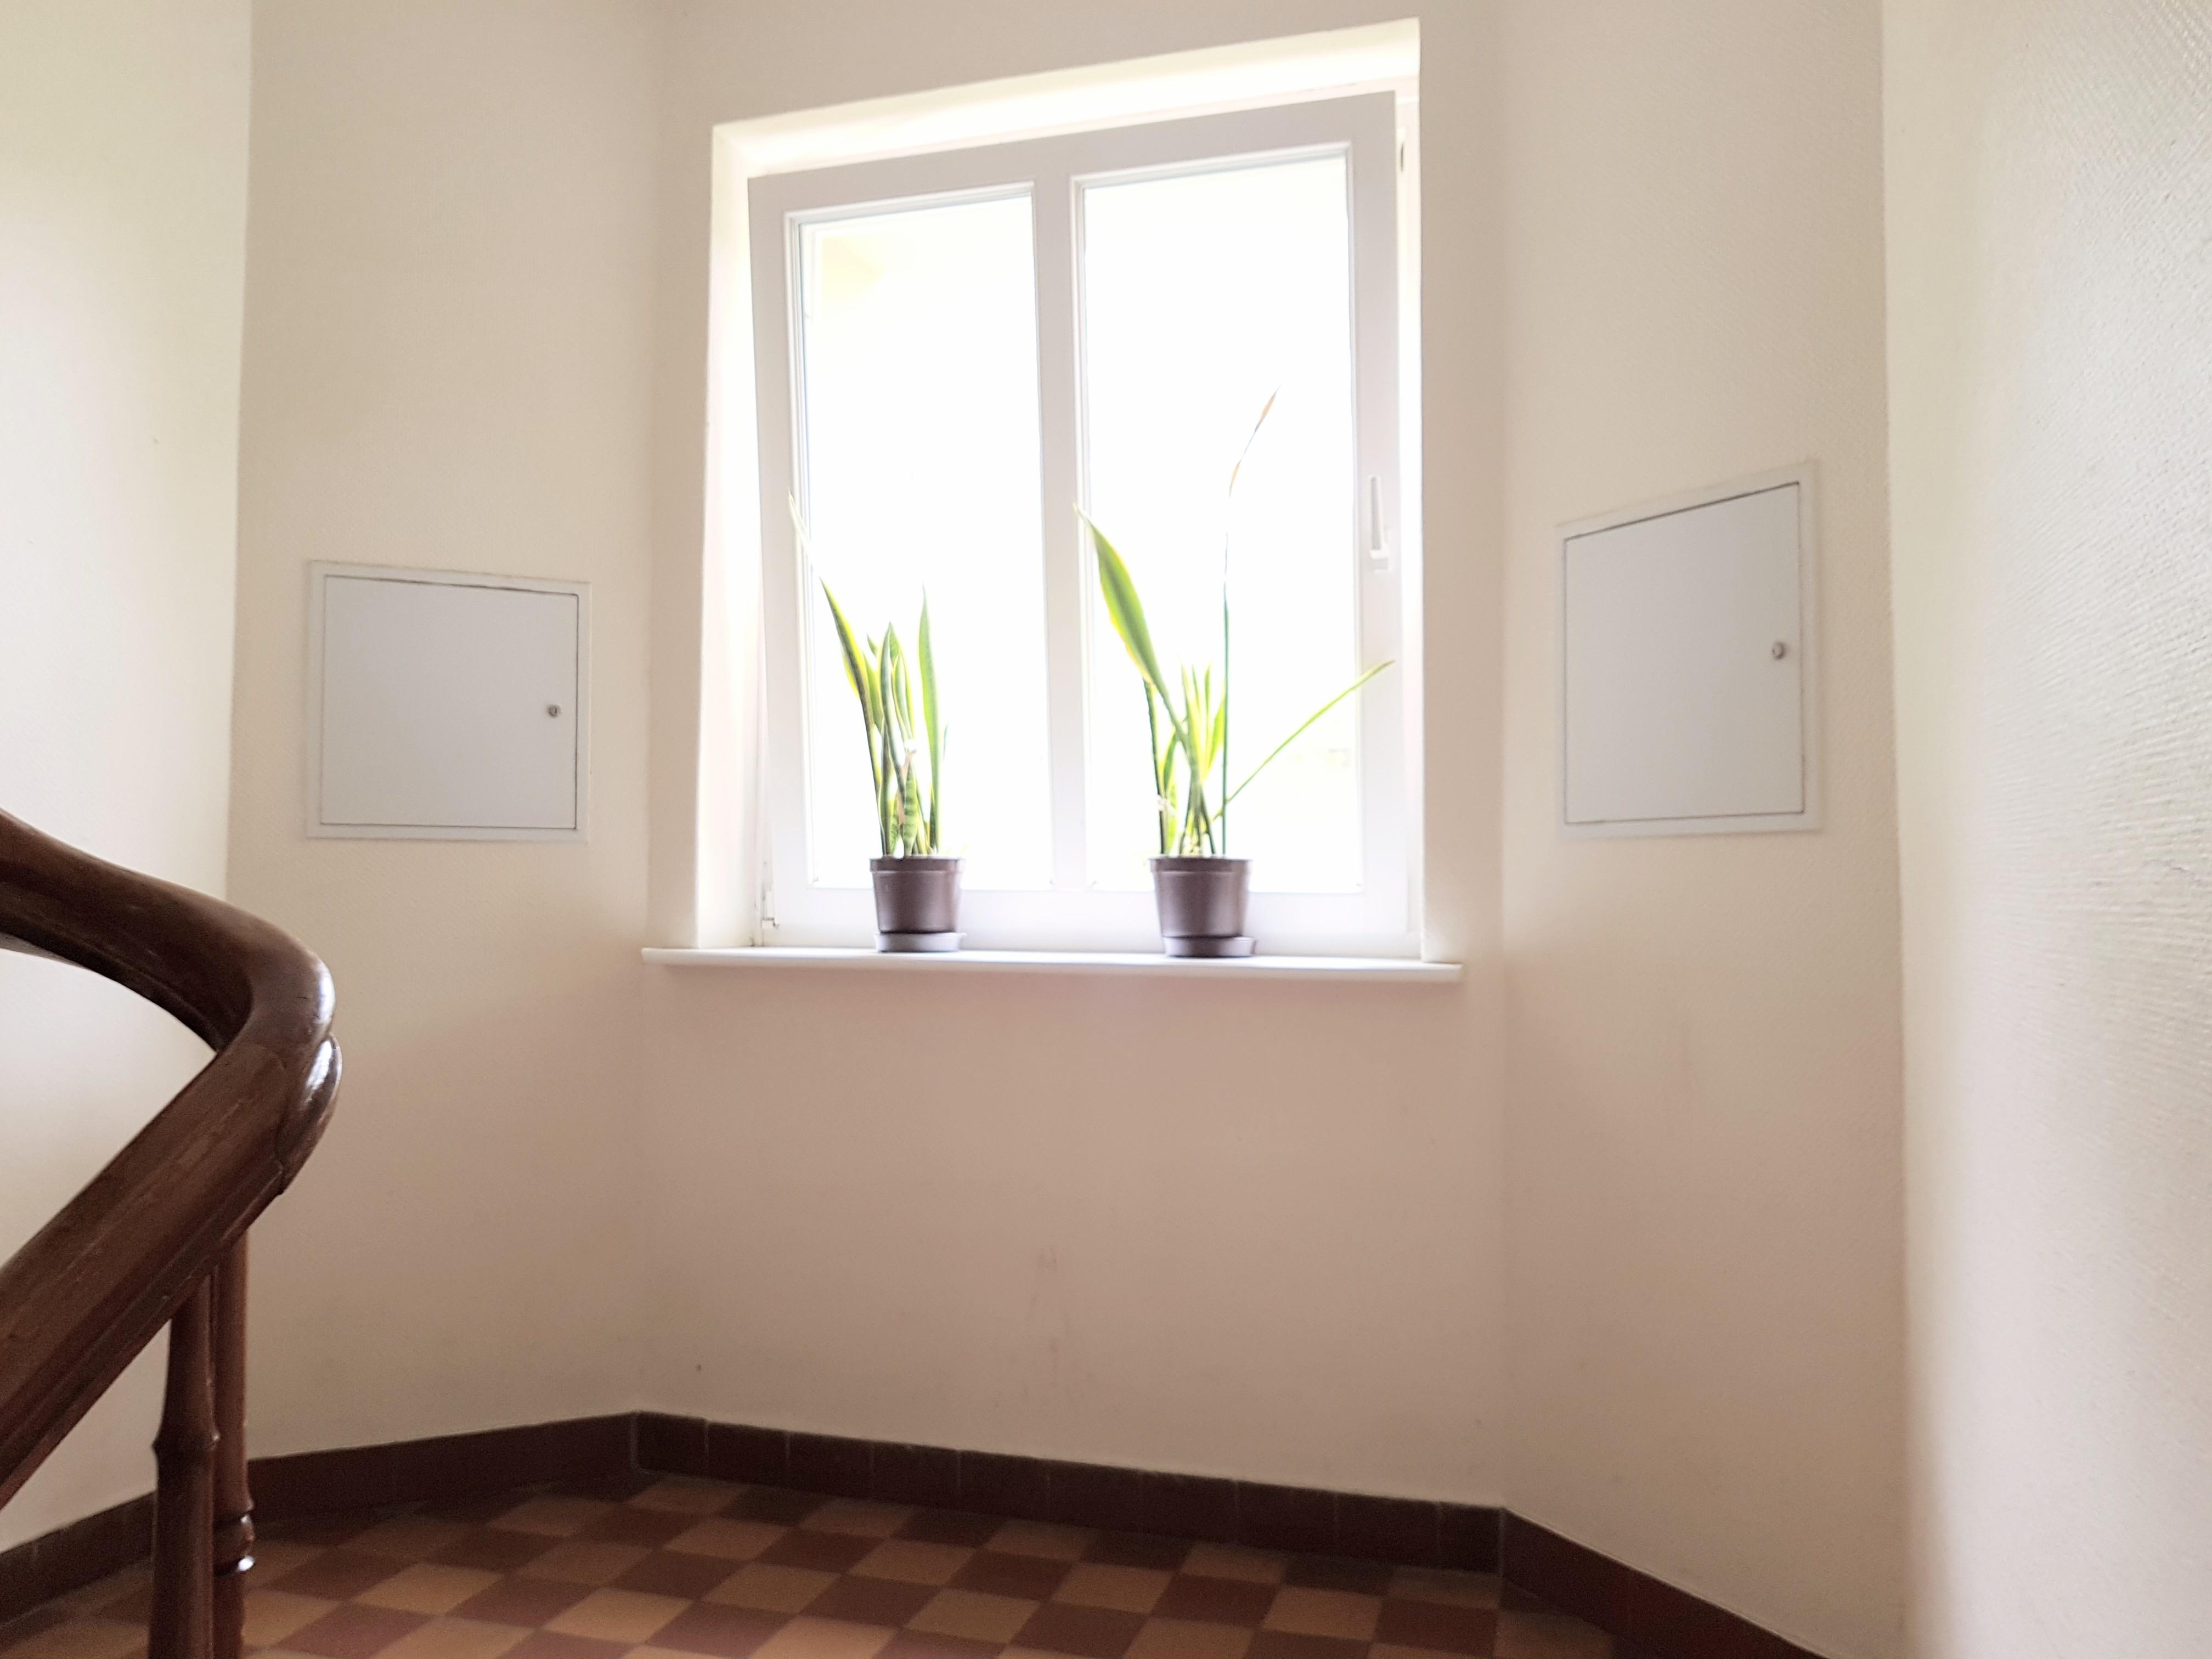 Blick in einen Hausflur auf ein Fenster, auf dessen Fensterbrett zwei Grünpflanzen stehen. Seitlich des Fensters sind links und recht Revisionsklappen zu erkennen, im Vordergrund links sieht man einen Teil eines Handlaufs - hölzern braun.